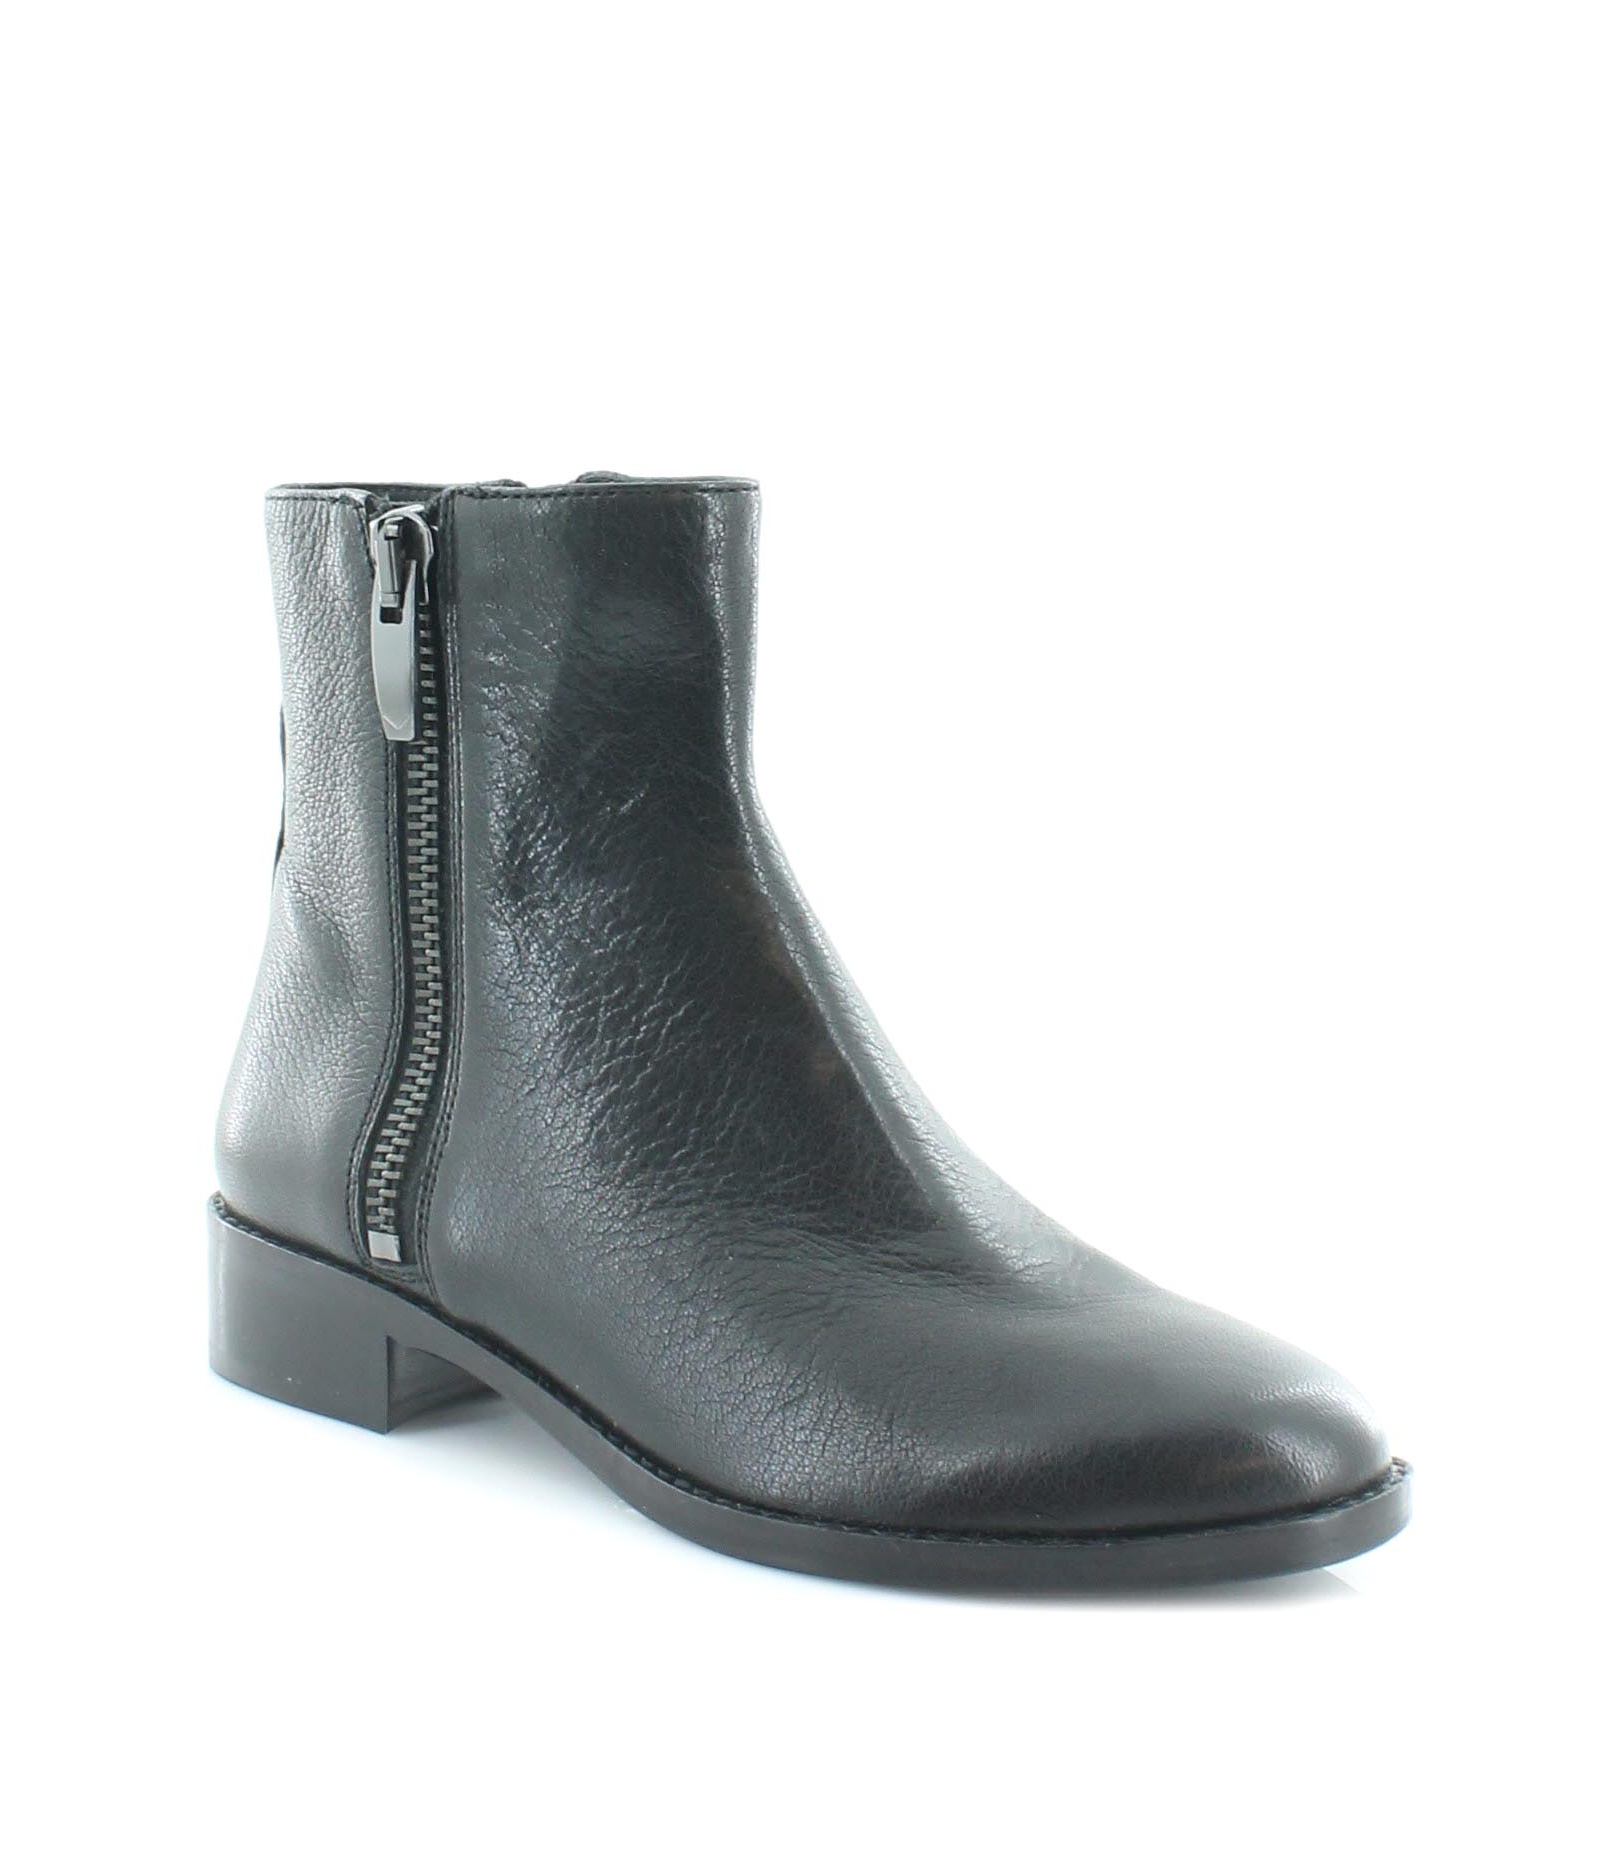 Via Spiga Joanie Women's Boots Black Size 5 M